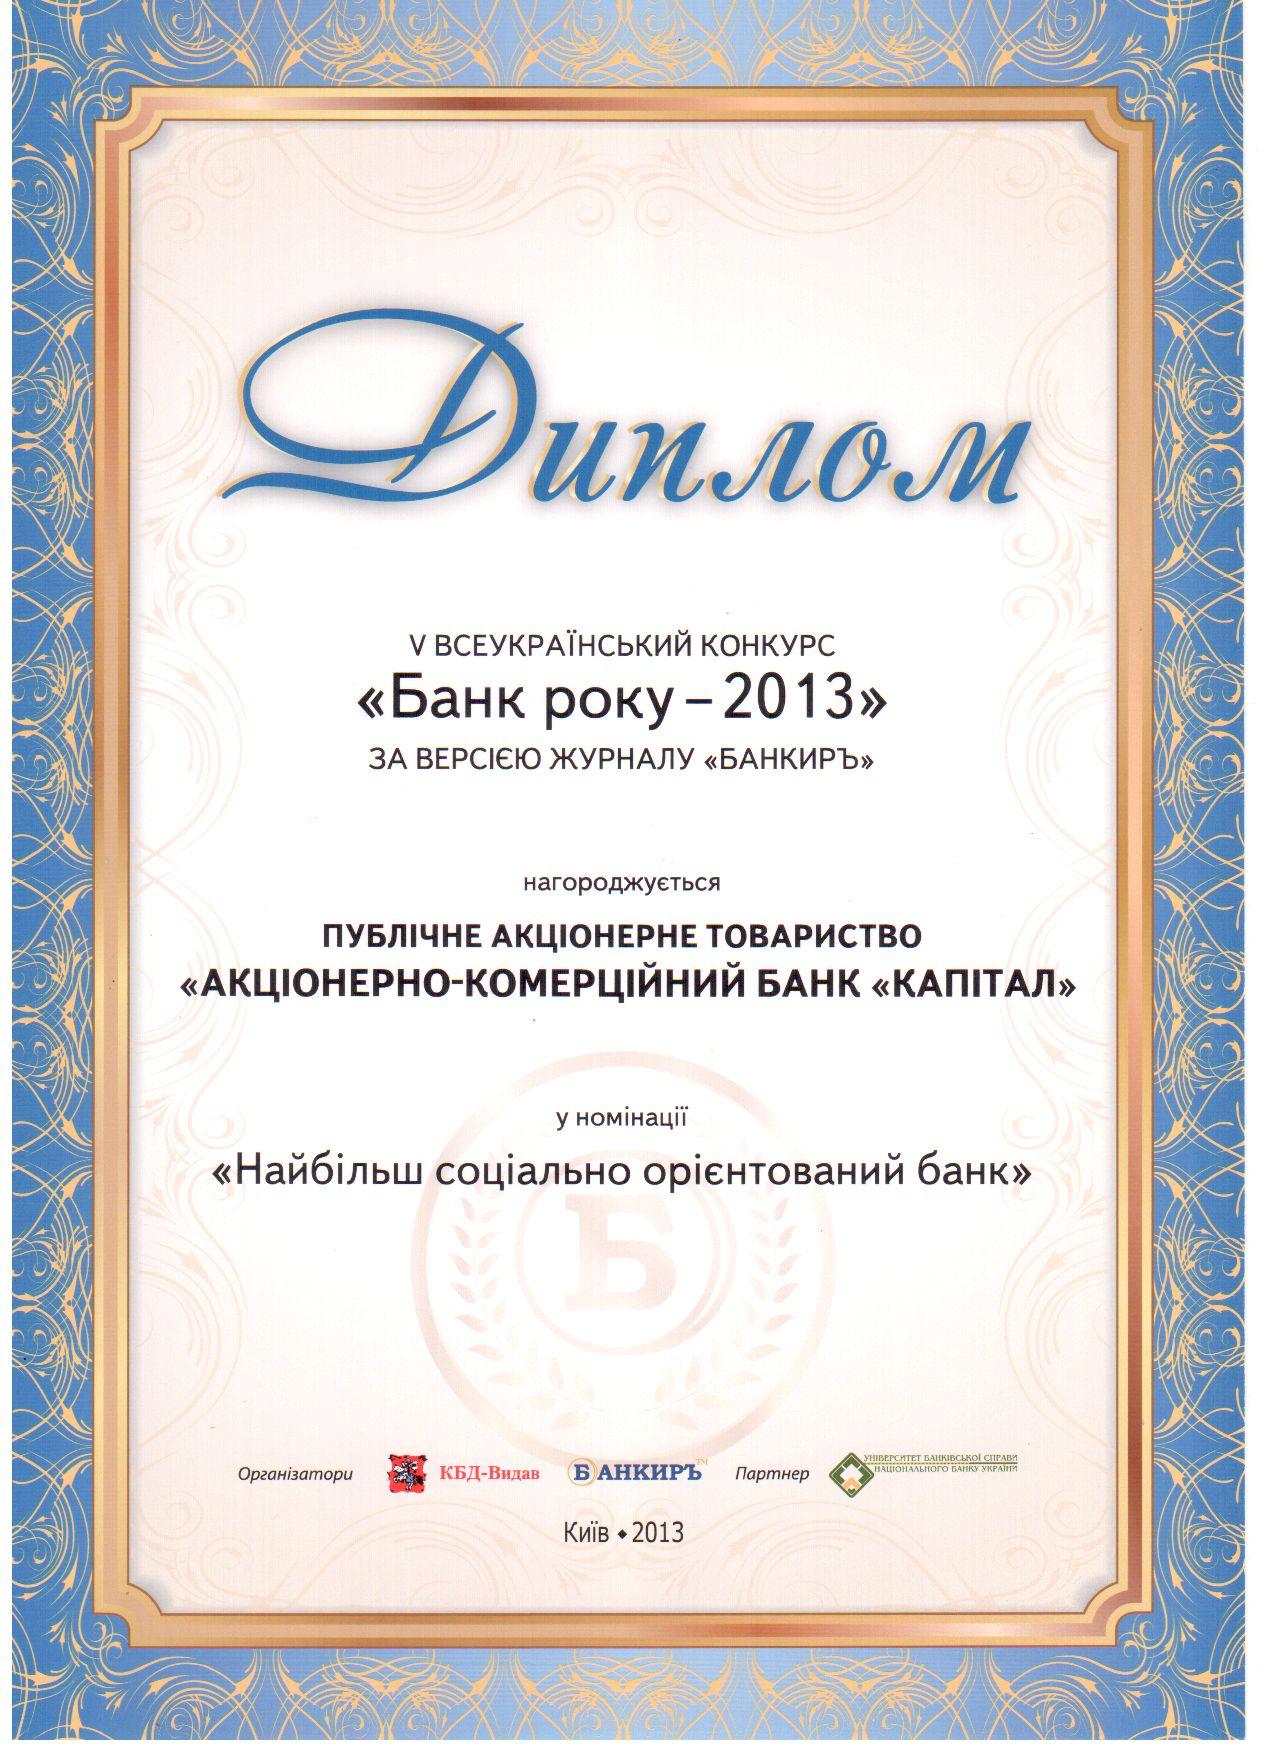 Банк КАПИТАЛ - самый социально ориентированный банк года